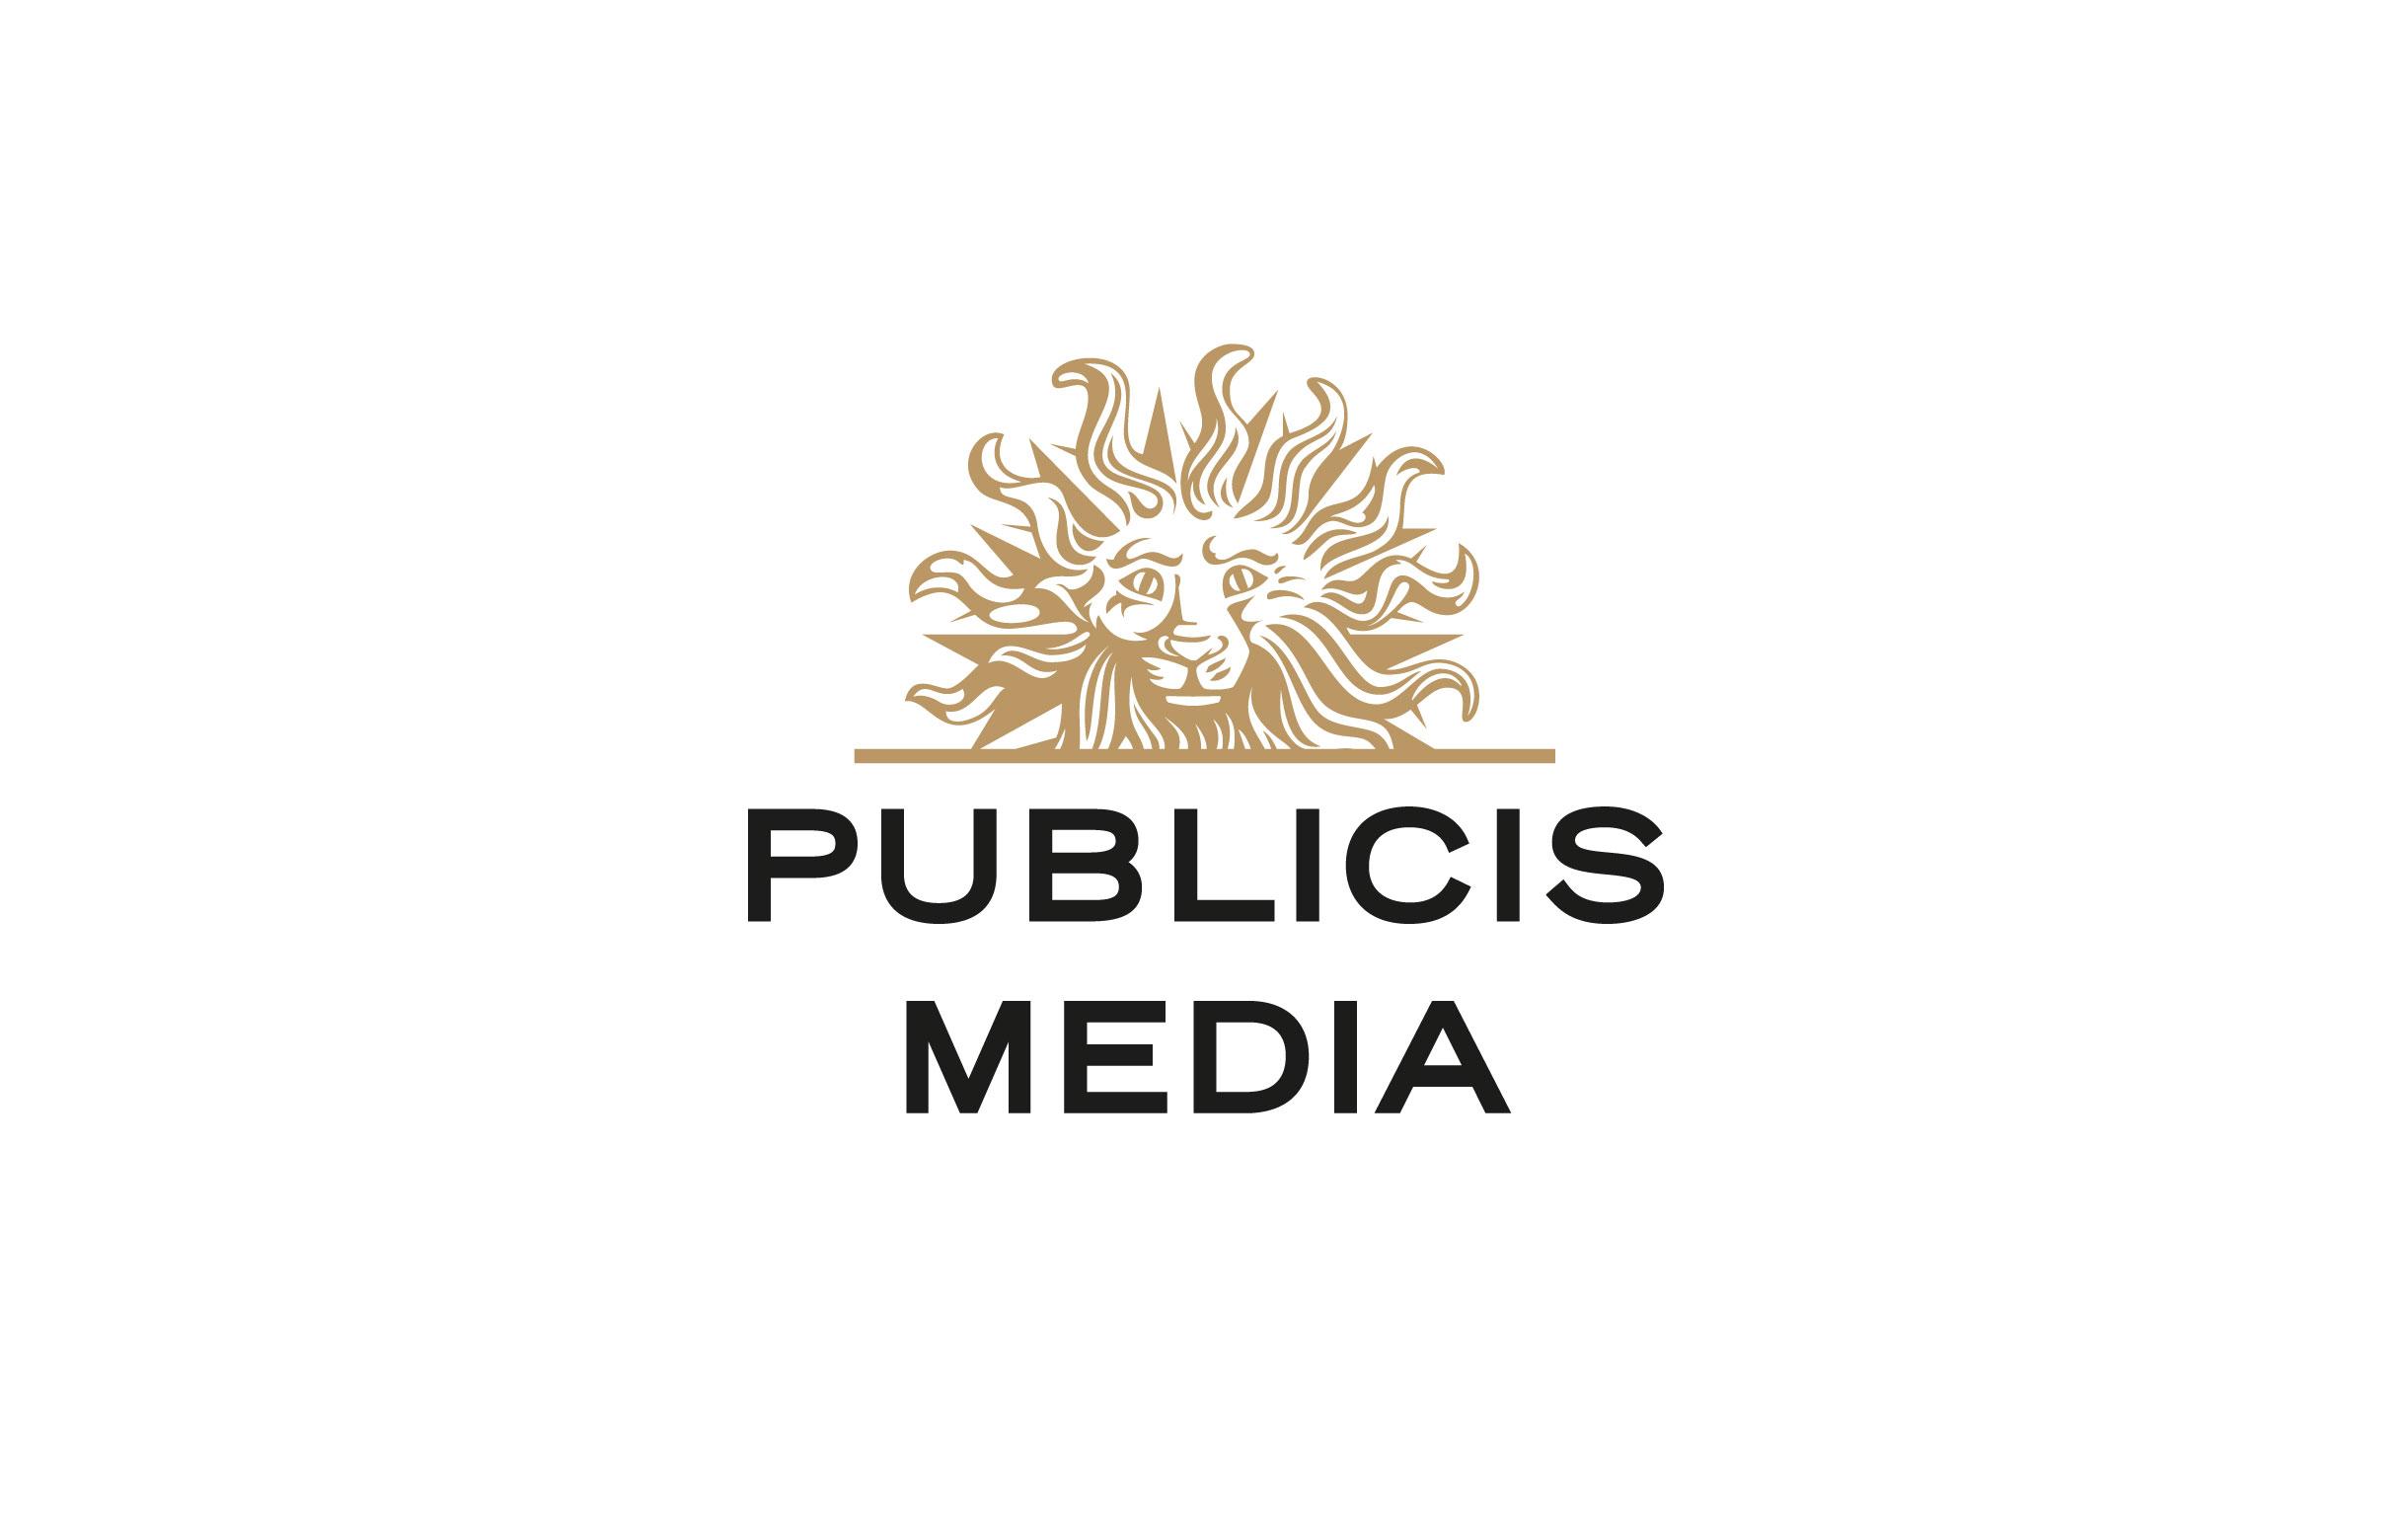 Publicis Media lancia un'operazione su larga scala per garantire brand safety ai propri clienti